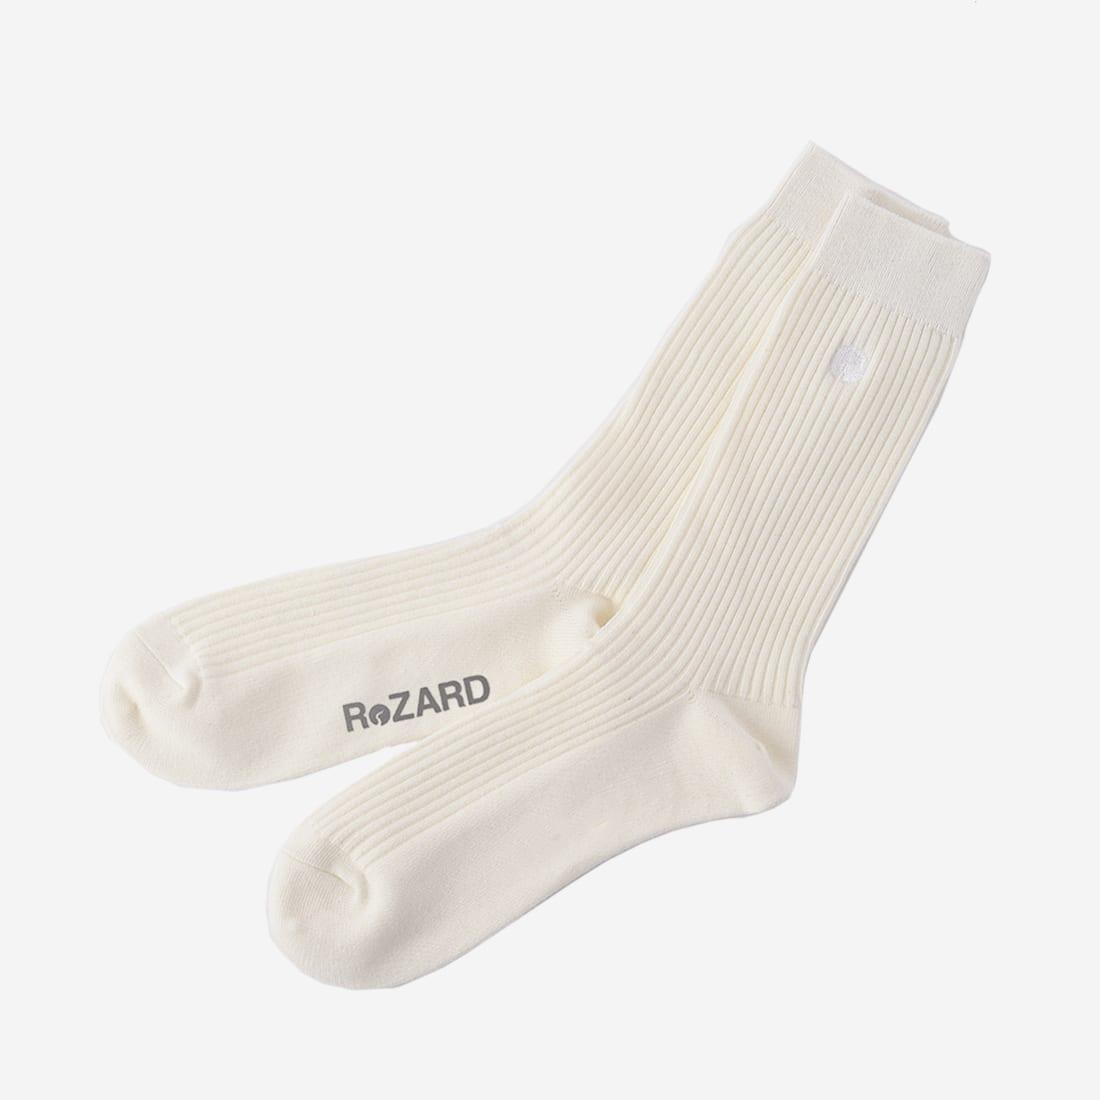 【ReZARD】Mid-length Socks